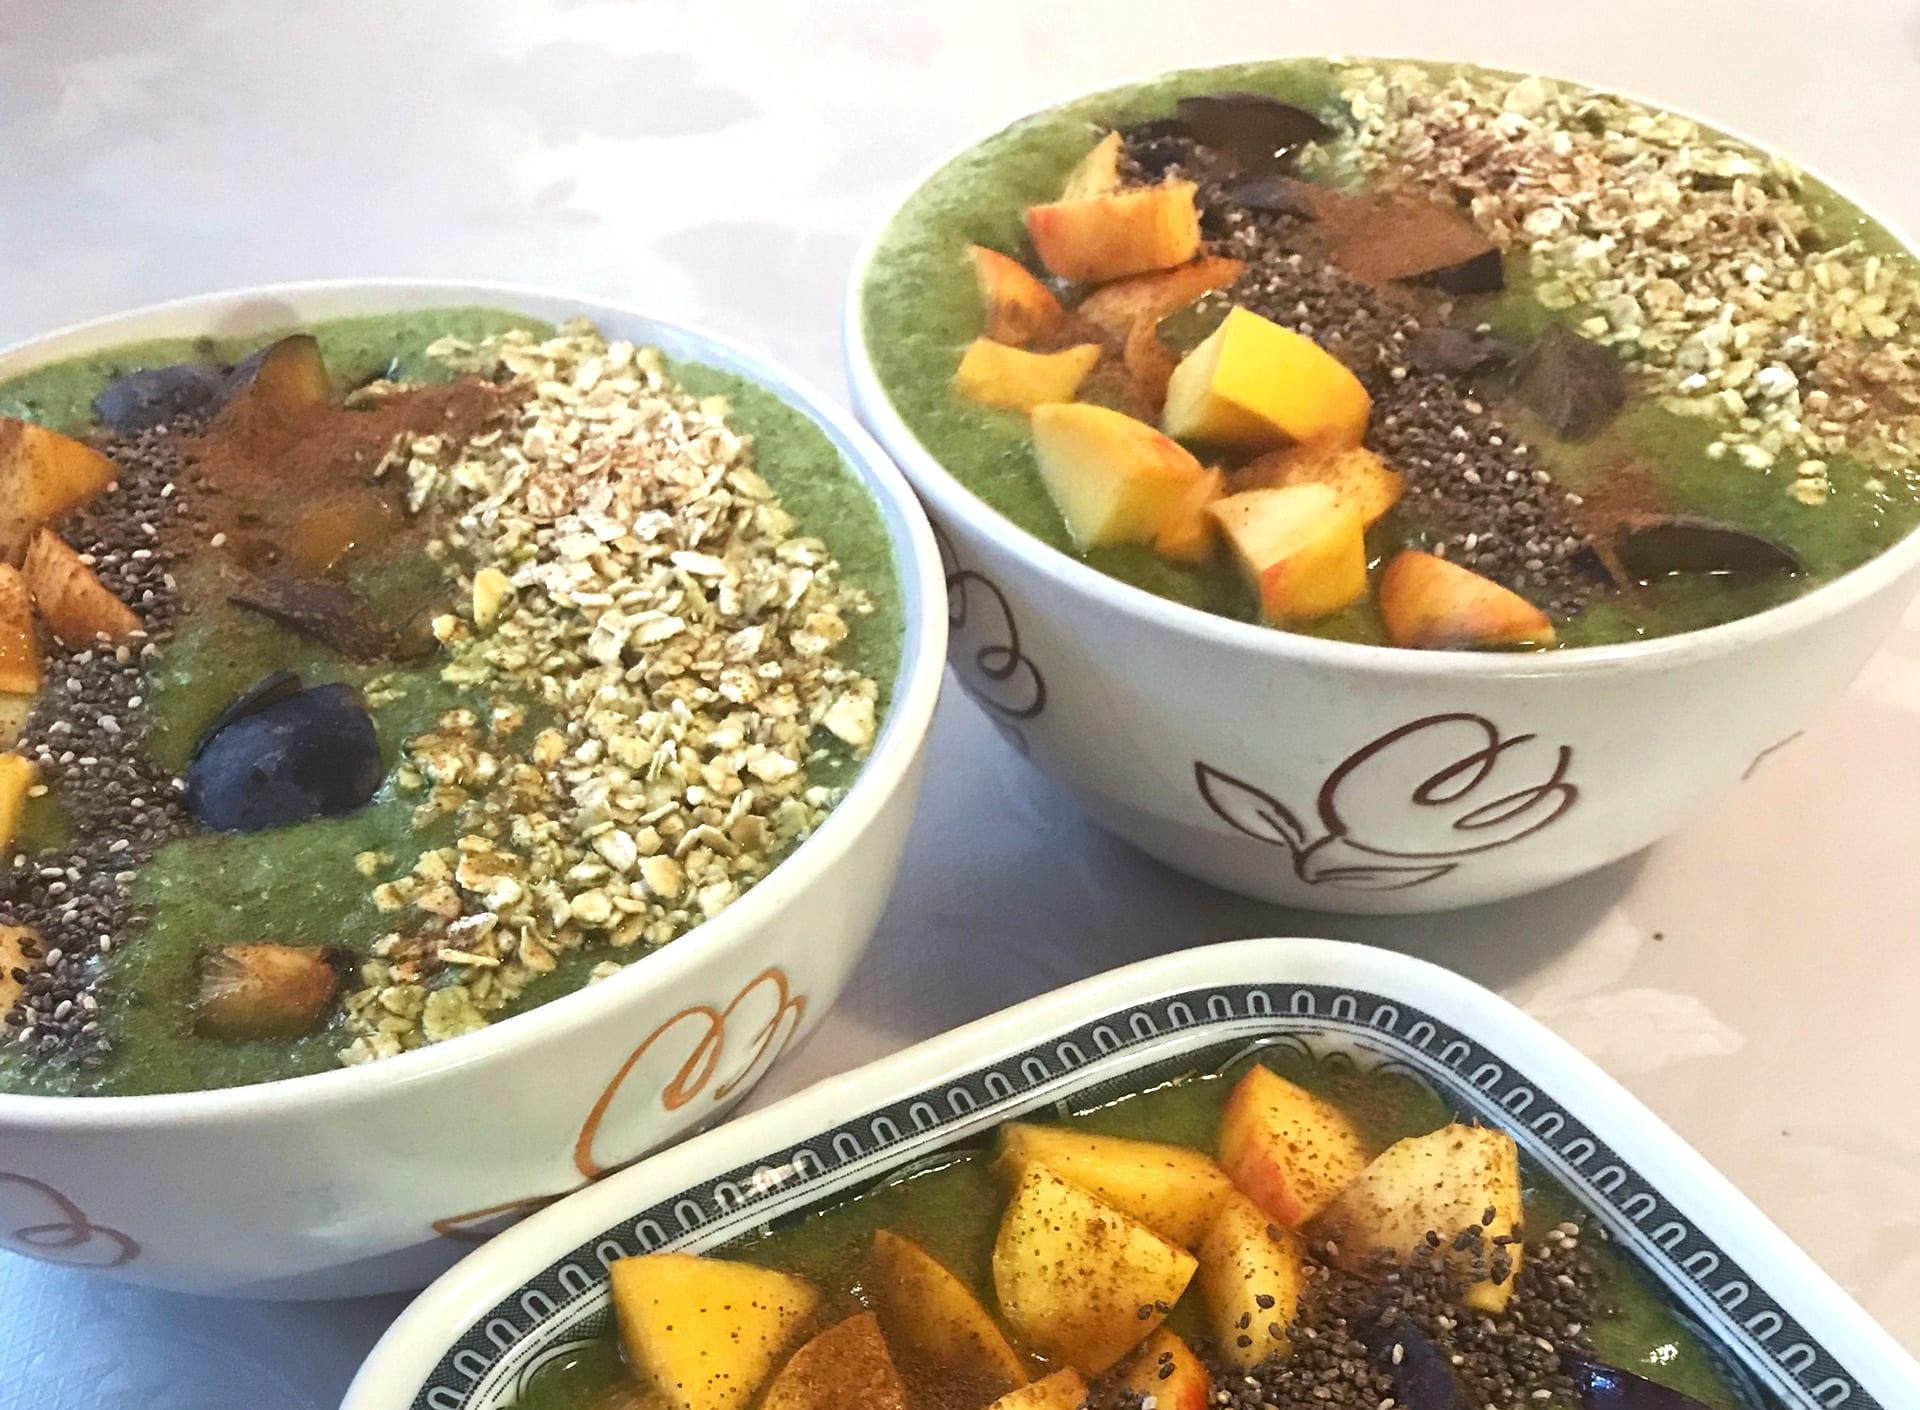 Frühstücksideen schnell, gesund, vegan: Smoothie Bowl